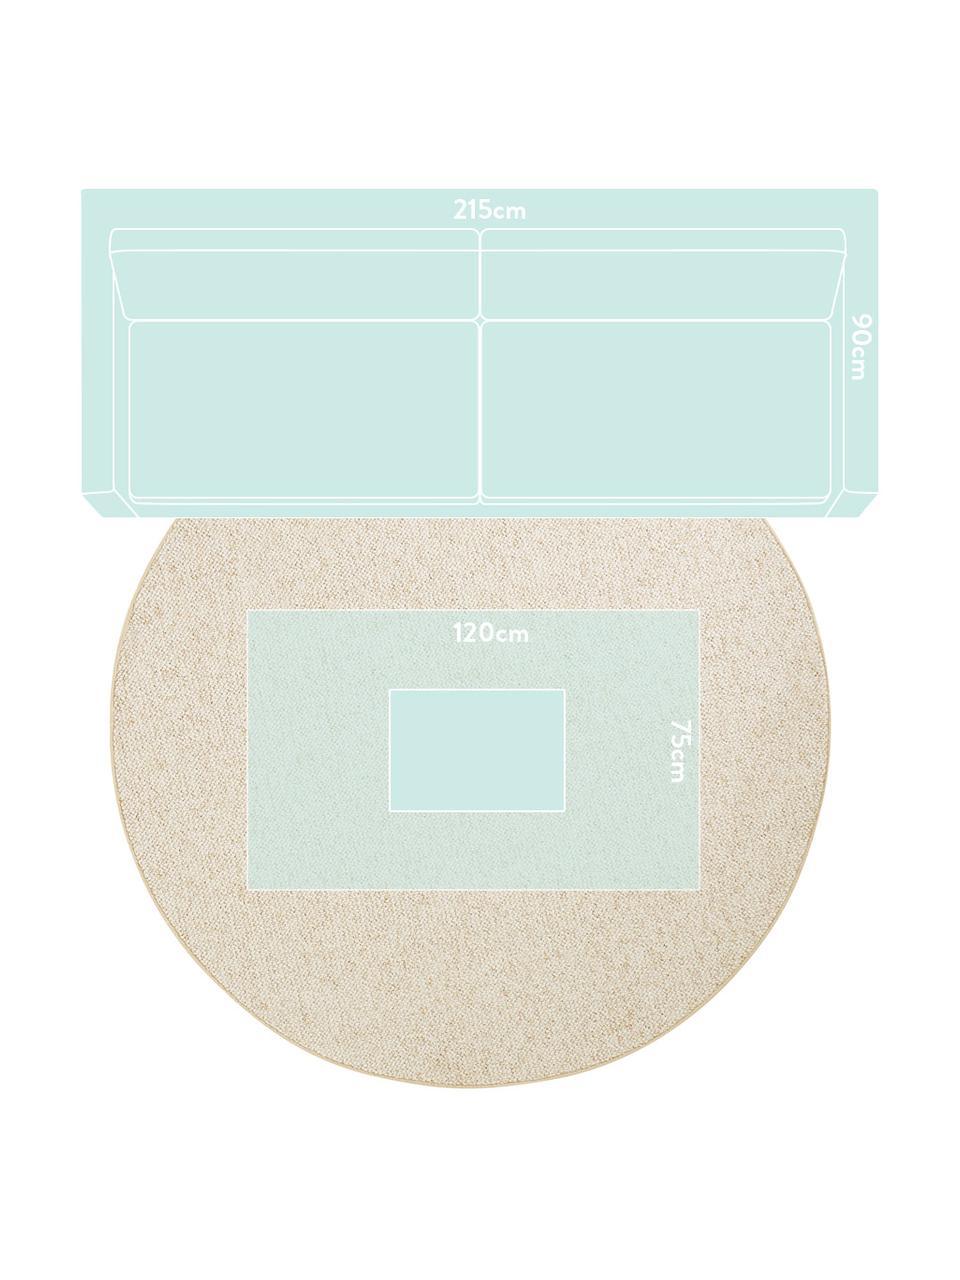 Rond vloerkleed Lyon met lussenpool, Bovenzijde: 100% polypropyleen, Onderzijde: vlies, Gemengd crèmekleurig, Ø 200 cm (maat L)